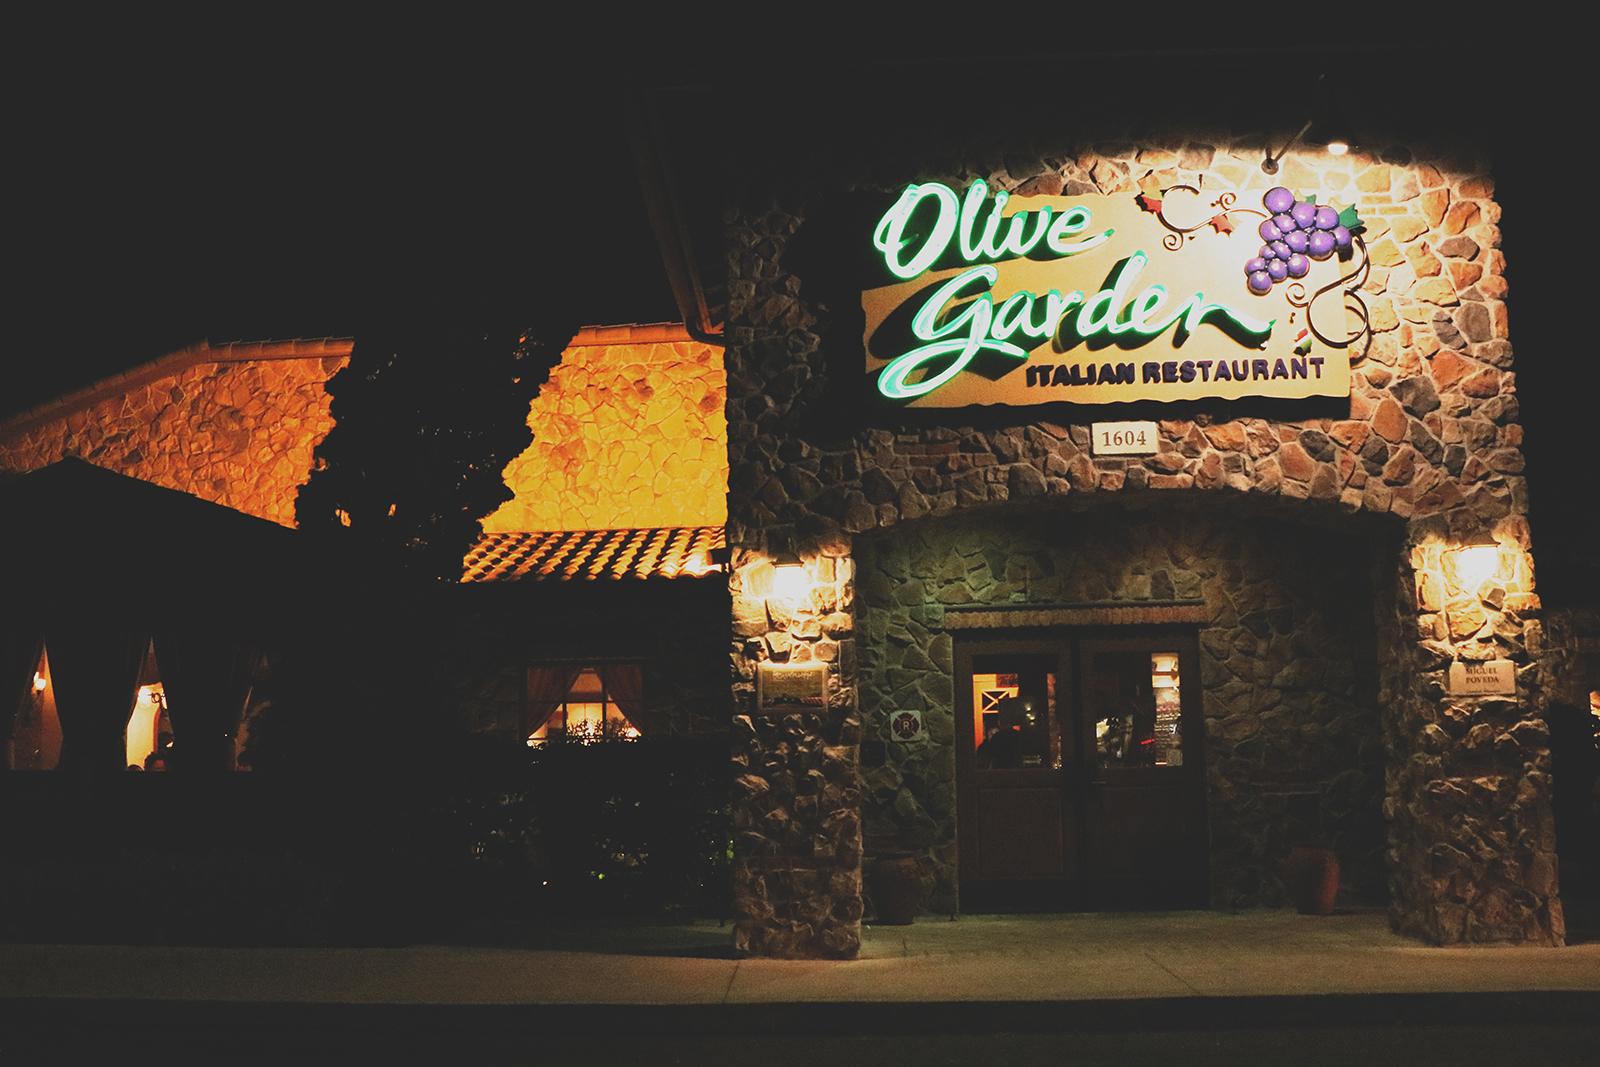 entrada do restaurante olive garden